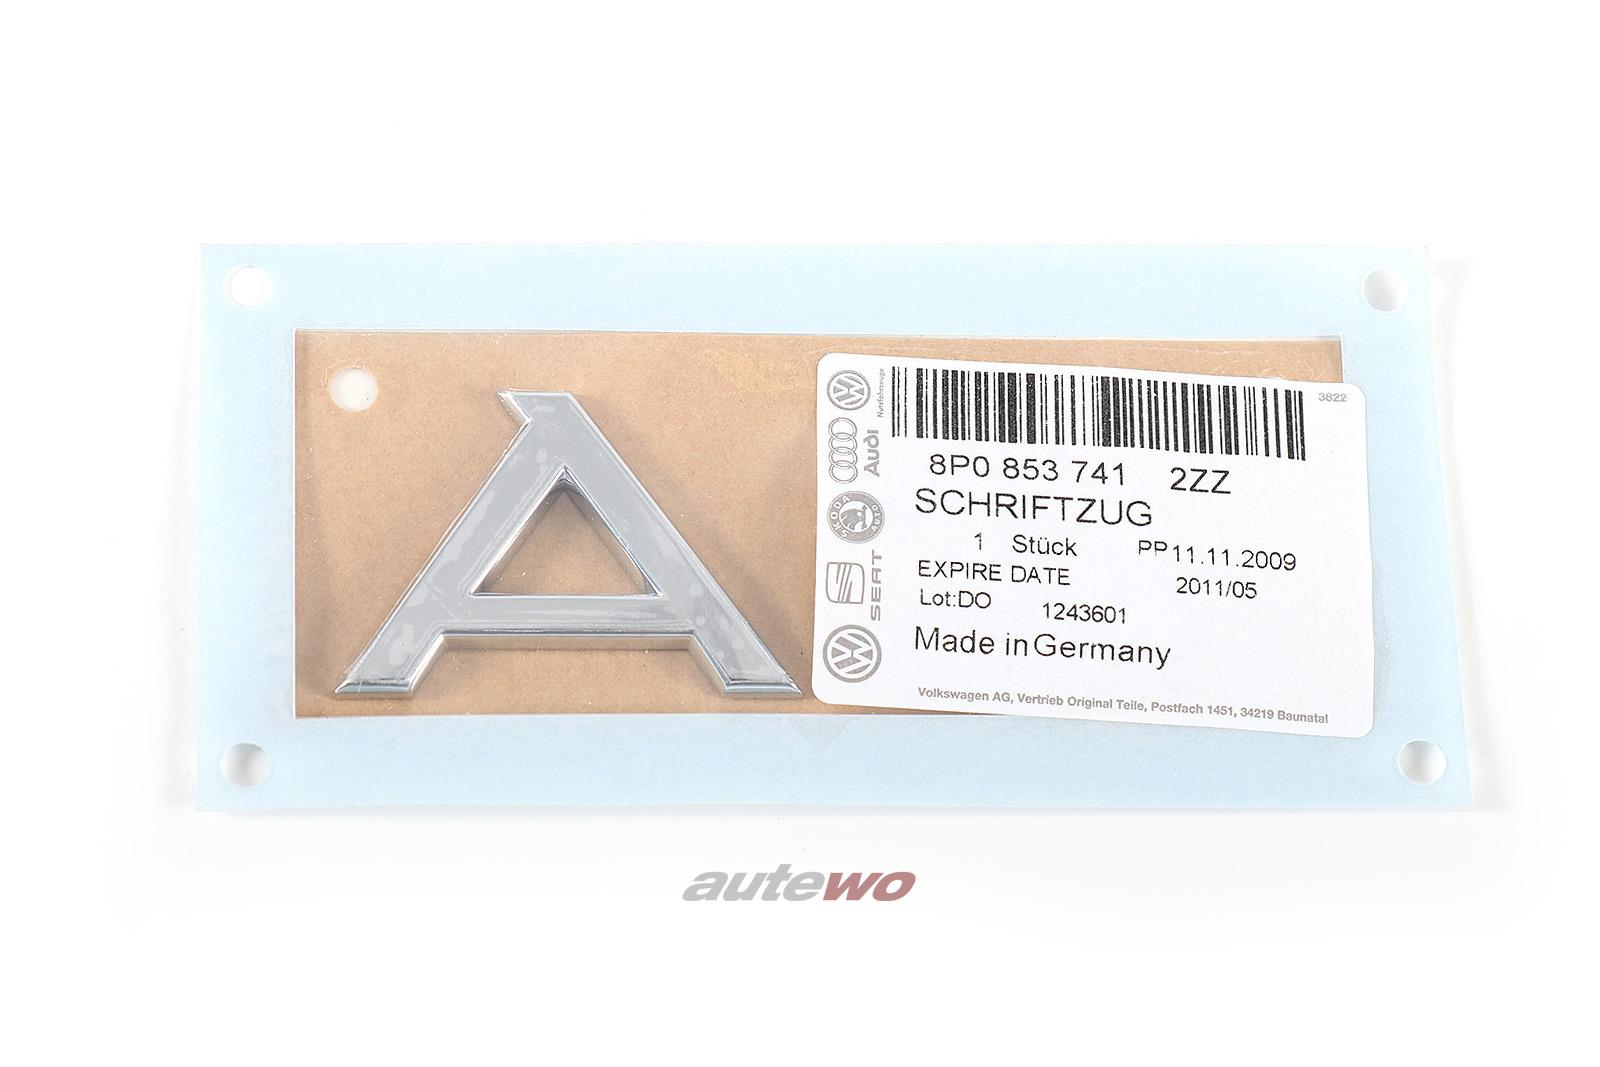 8P0853741 NEU Audi A3 8P Schriftzug A3 Hinten 2ZZ chrom